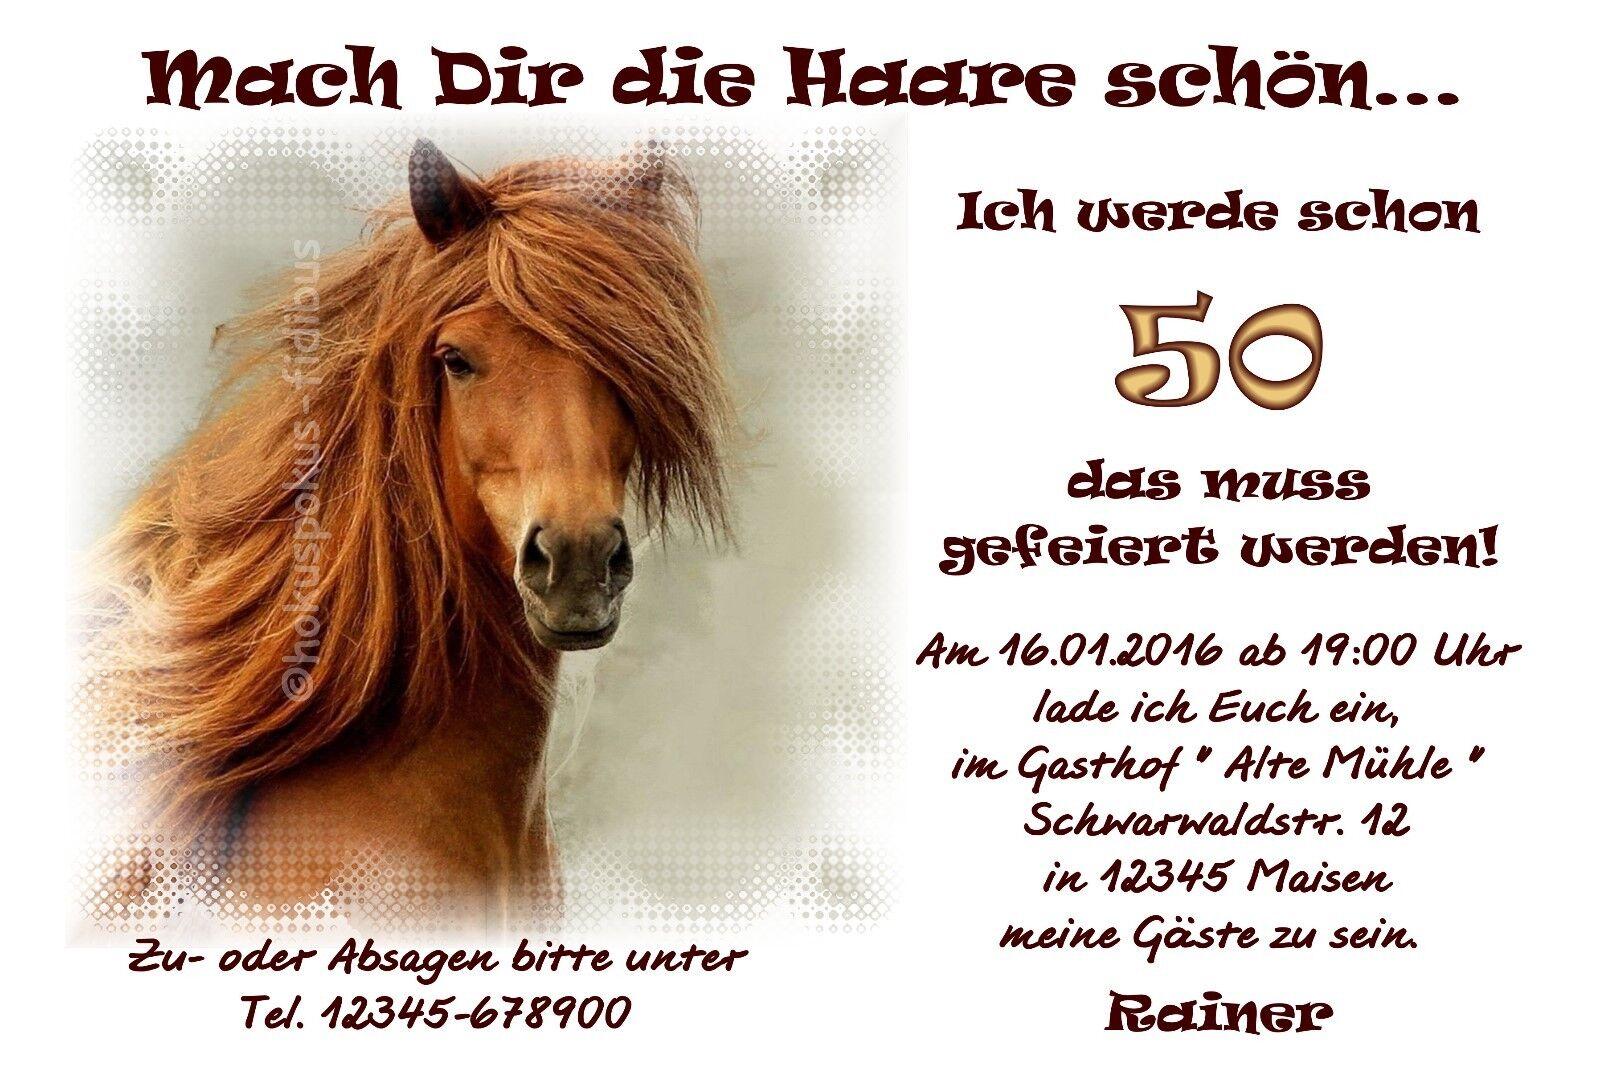 20 invito diverdeenti carte COMPLEANNO COMPLEANNO COMPLEANNO INVITI COMPLEANNO essere cariche cavallo 43033f